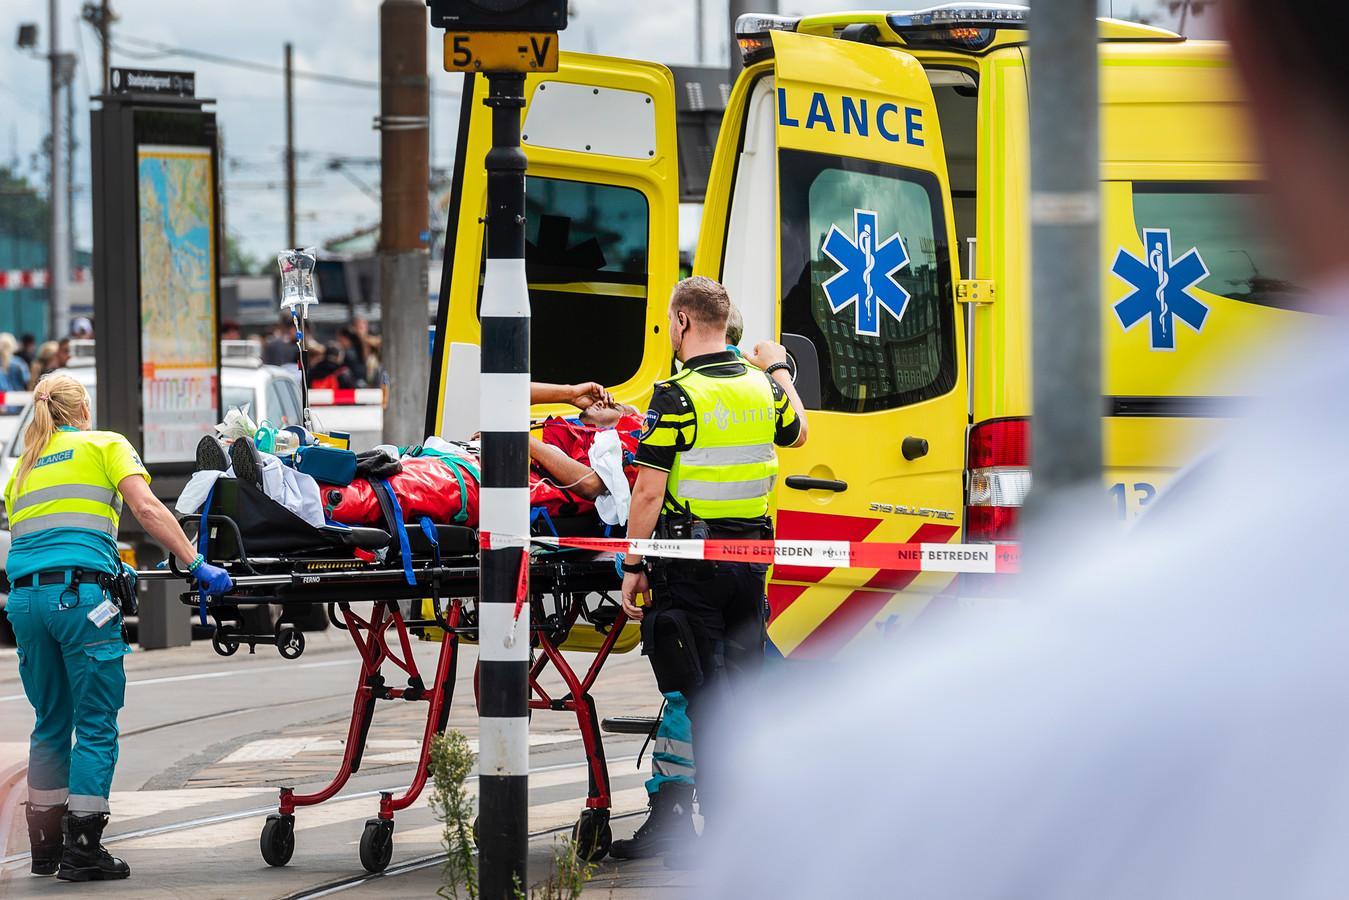 Een van de gewonden wordt naar de ambulance gebracht na de aanslag door een Afghaanse man op Amsterdam Centraal.